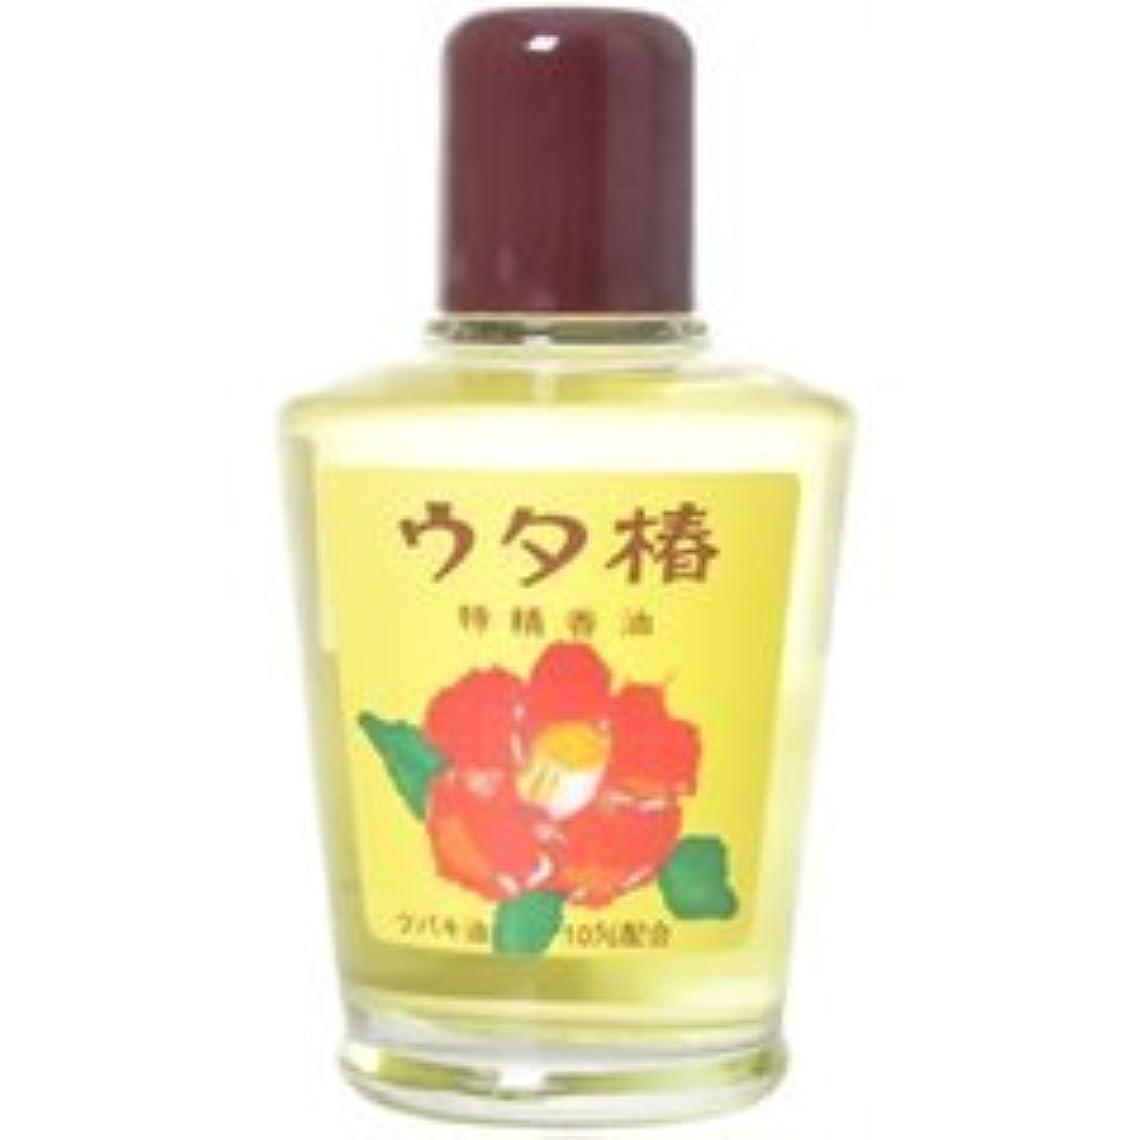 ためらう液化する帽子【黒ばら本舗】うた椿香油 黄 95ml